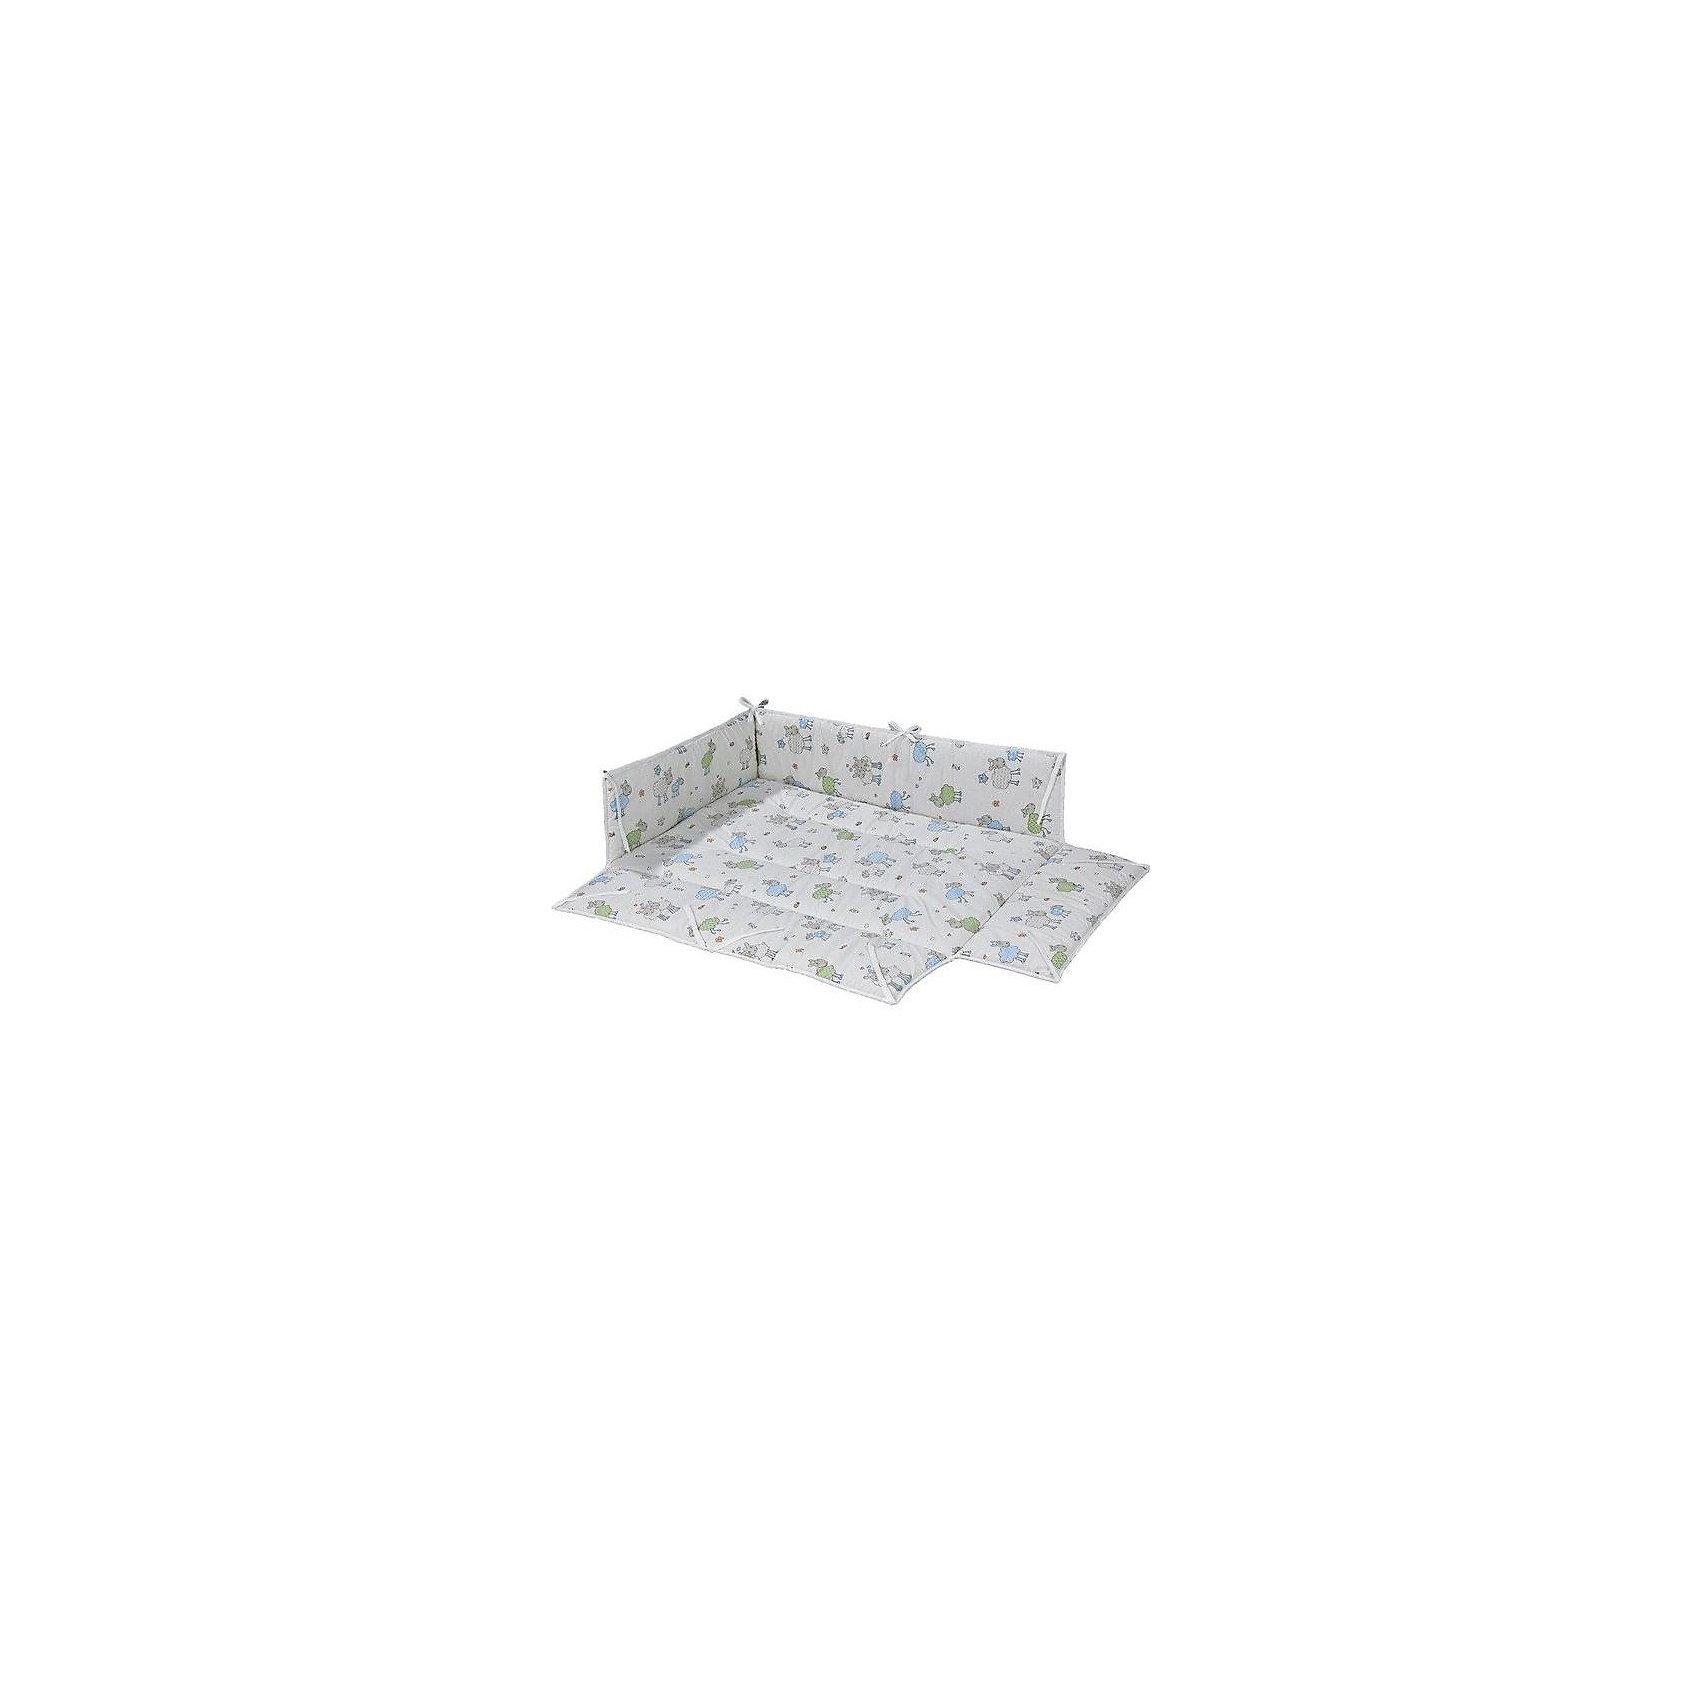 Бампер для манежа AMELI, GeutherПостельное бельё<br>Бампер для манежа AMELI, Geuther<br><br>Характеристики:<br>- Материал: хлопок<br>- Наполнитель: полиэстер<br>- Машинная стирка: доступна<br>- Размер: 102 * 5 * 94,5 см.<br>- Вес: 1 кг.<br>Бампер для манежа AMELI от немецкого бренда, Geuther (Гётер) станет отличным дополнением к вашему манежу, обеспечит мягкость и уют малыша во время игры и сна, а также защитит от сквозняков. Симпатичный дизайн с синими и зелеными овечками, бабочками и совами подойдет как мальчикам, так и девочкам. Нейтральный фон будет хорошо смотреться в любом интерьере комнаты ребенка. Созданный специально для манежа Ameli (Амели), бампер идеально заполняет всю поверхность и фиксируется надежными завязками. Отличное немецкое качество бампера обеспечит необходимую заботу о крохе.<br><br>Бампер для манежа AMELI, Geuther (Гётер) можно купить в нашем интернет-магазине.<br>Подробнее:<br>• Для детей в возрасте: от 0 до 24 месяцев <br>• Номер товара: 5089868<br>Страна производитель: Германия<br><br>Ширина мм: 200<br>Глубина мм: 1060<br>Высота мм: 900<br>Вес г: 1400<br>Возраст от месяцев: 0<br>Возраст до месяцев: 24<br>Пол: Унисекс<br>Возраст: Детский<br>SKU: 5089868